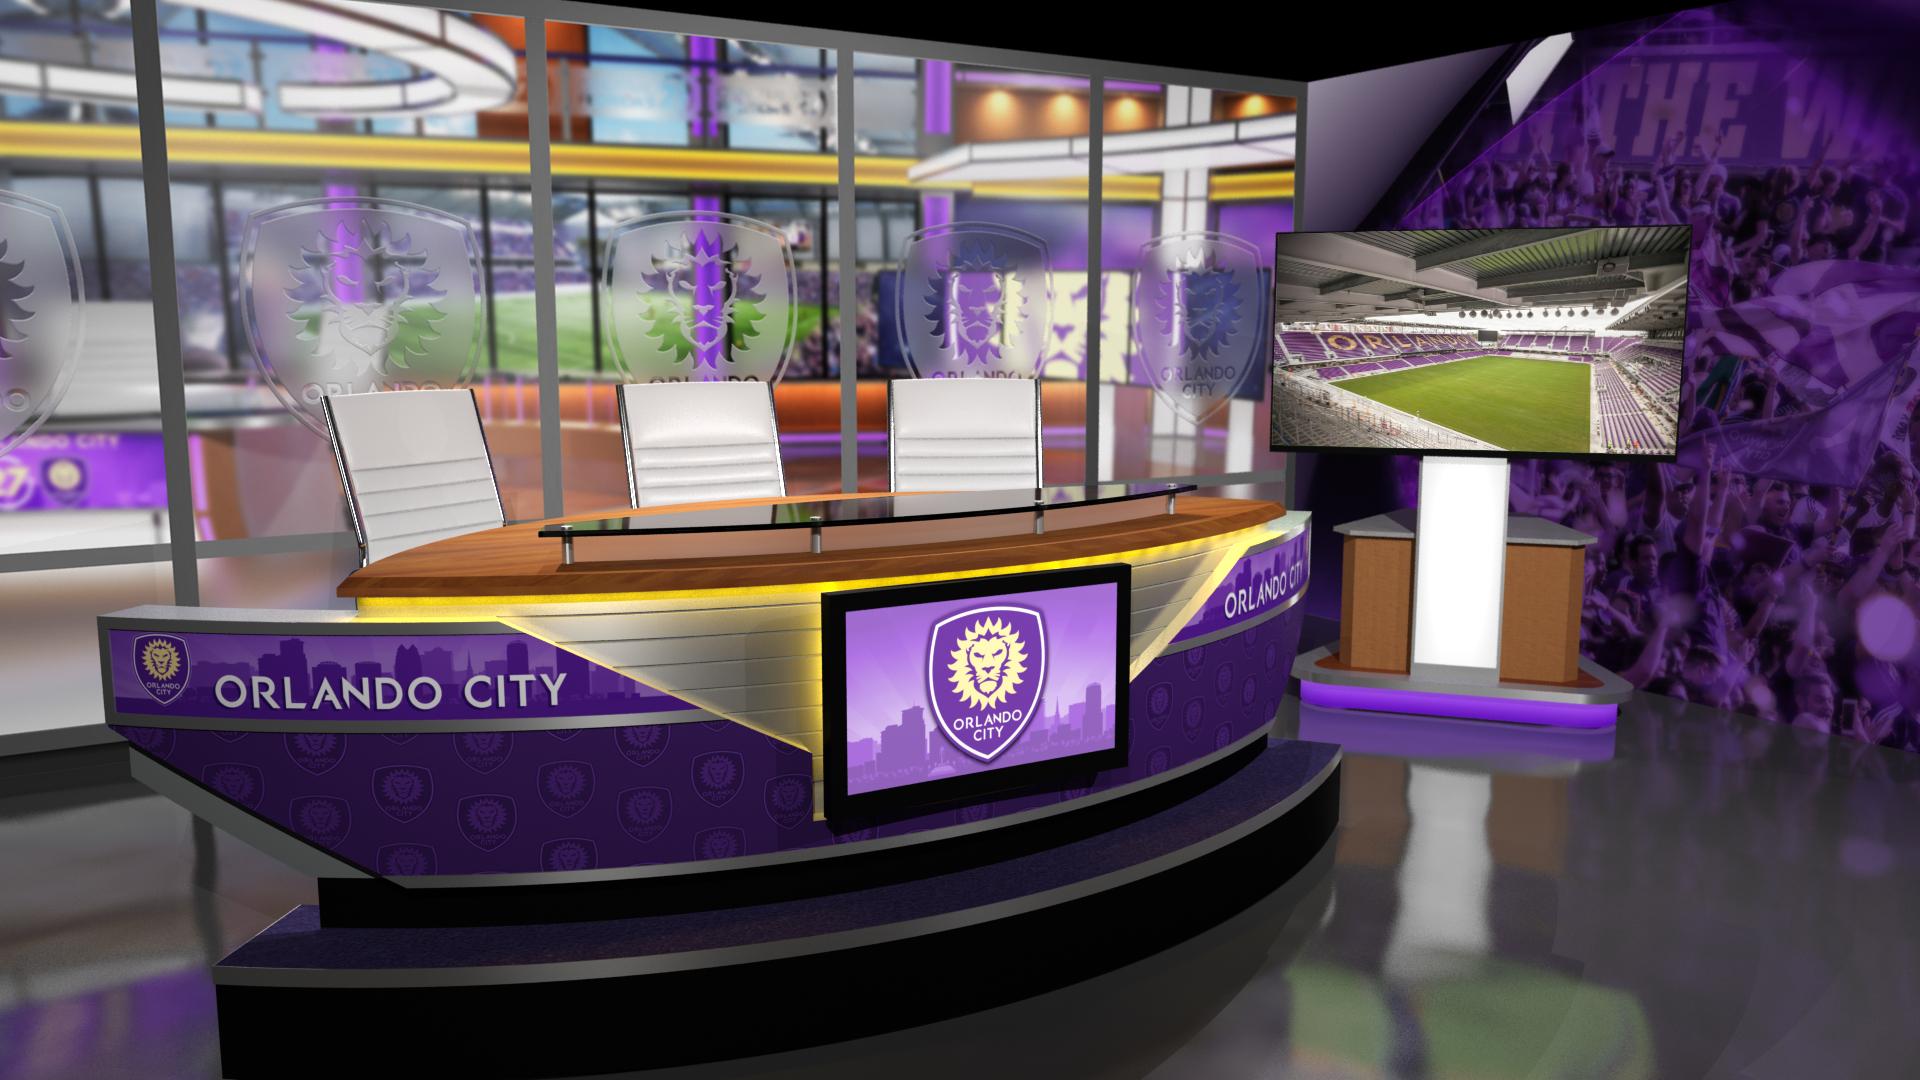 Orlando City, WRDQ TV 27 Reveal Cast for Locally Televised Matches | Orlando City